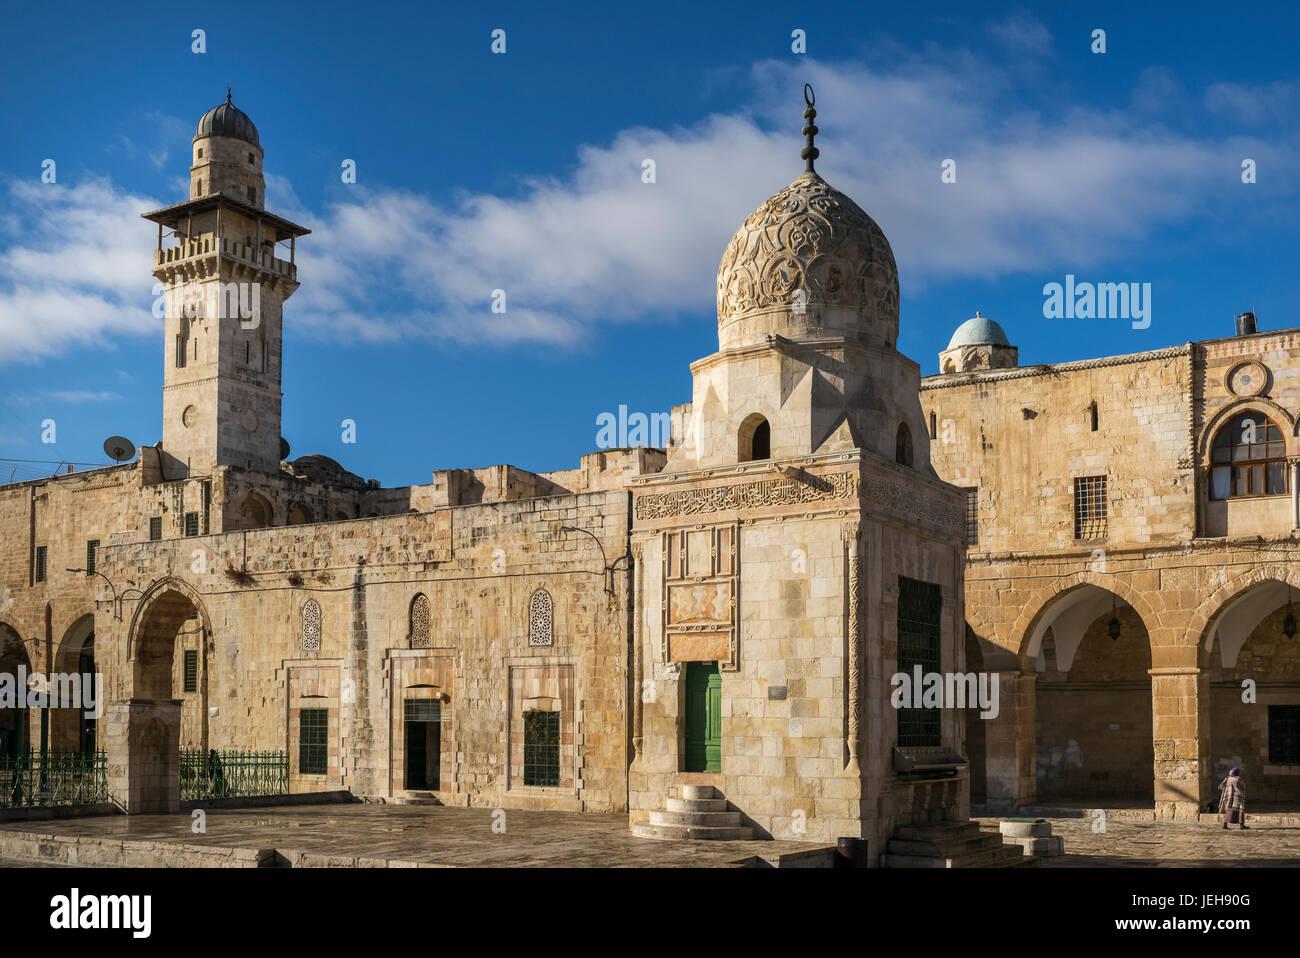 Temple Mount, Old City of Jerusalem; Jerusalem, Israel Stock Photo